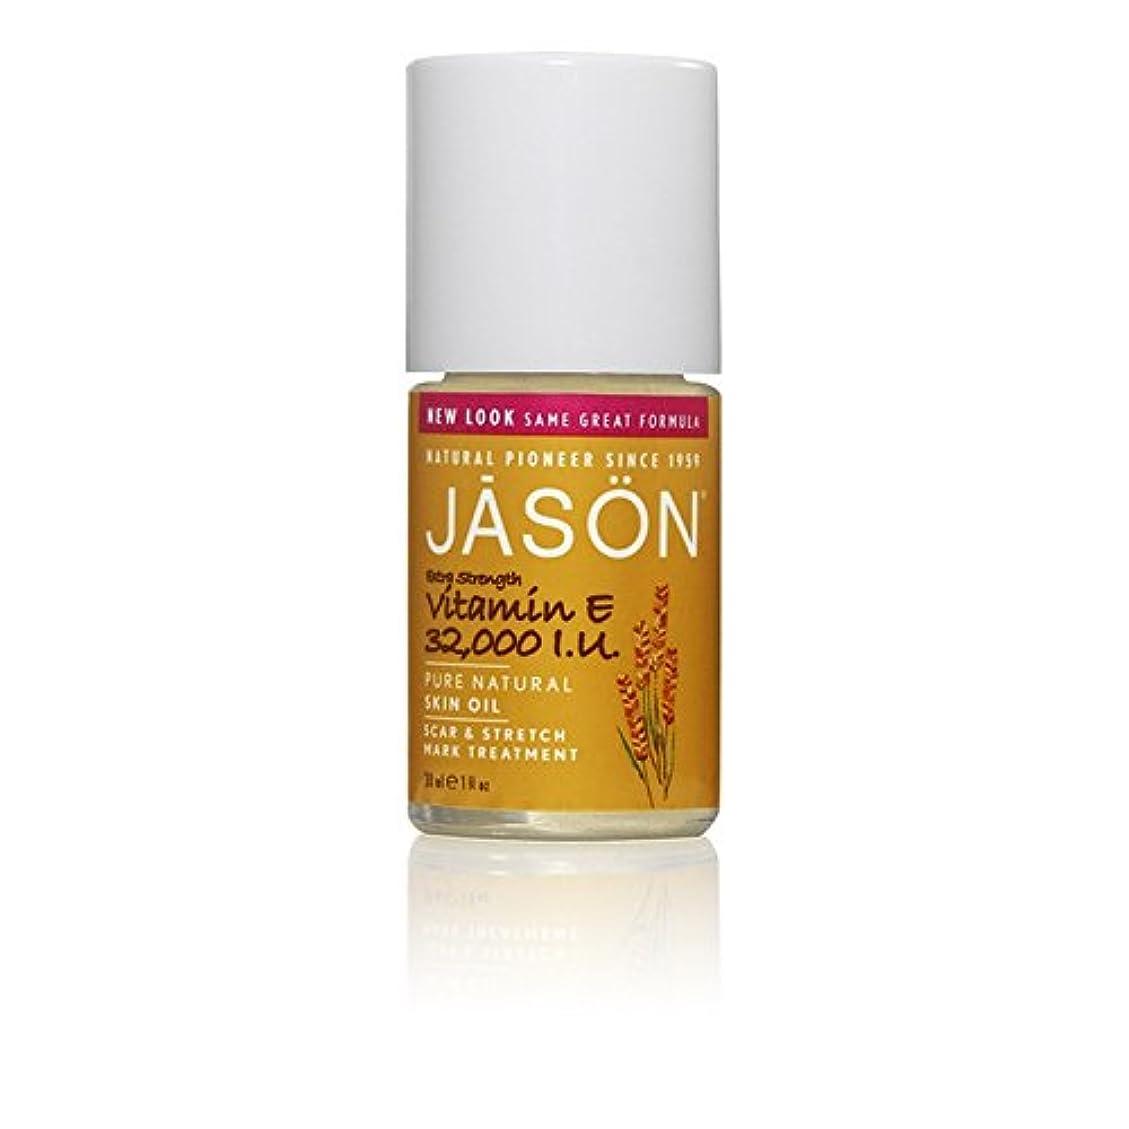 取得する犠牲用量Jason Vitamin E 32,000iu Oil Scar & Stretch Mark Treatment 33ml - ジェイソン?ビタミン 32,000オイル傷跡&ストレッチマークトリートメント33ミリリットル [並行輸入品]